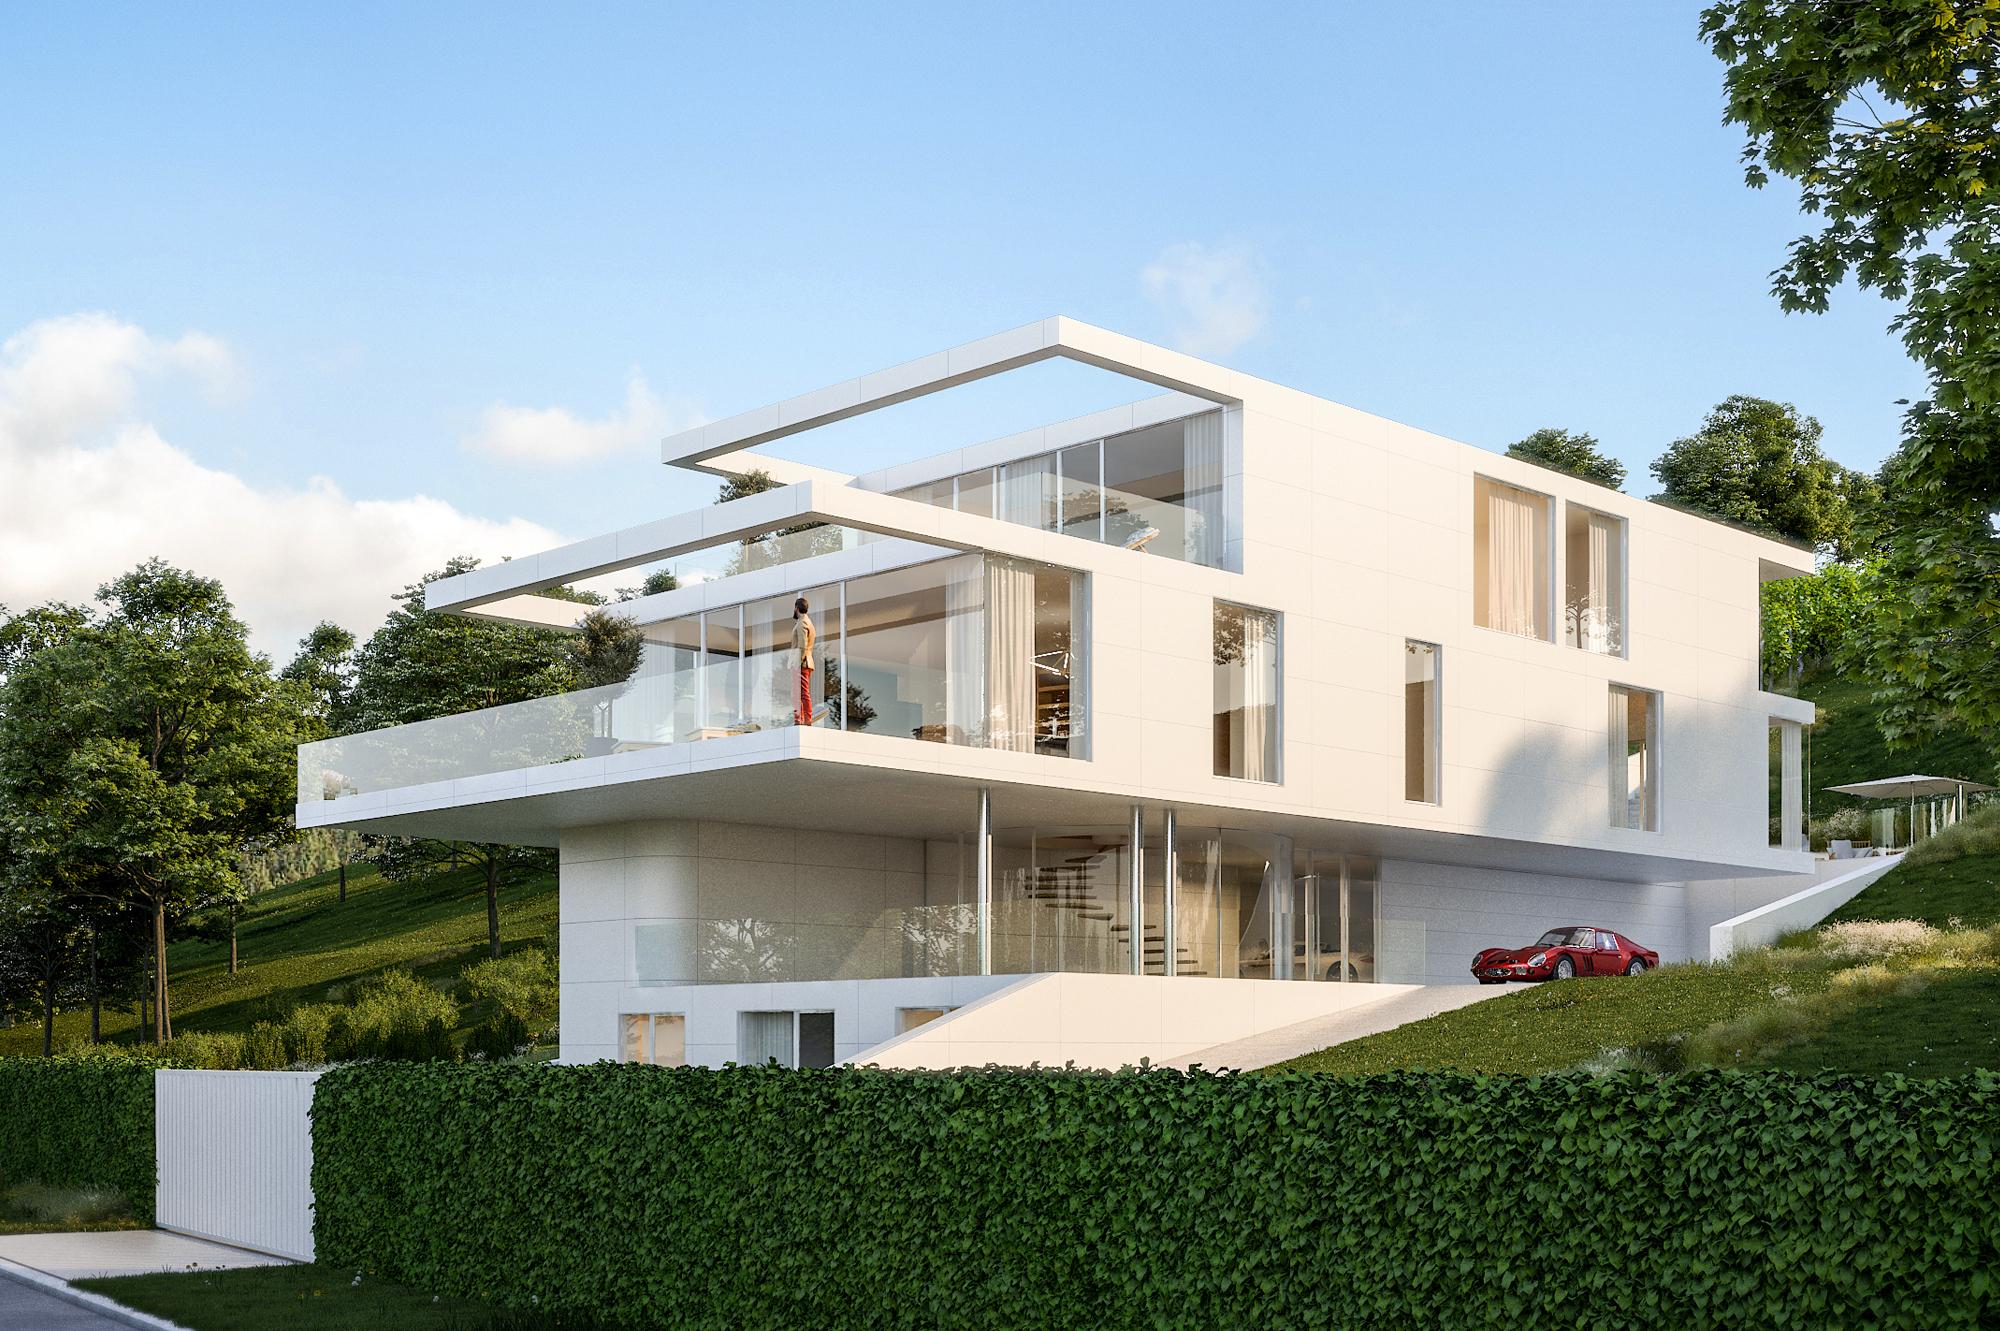 Villa mit Fernblick in Klosterneuburg